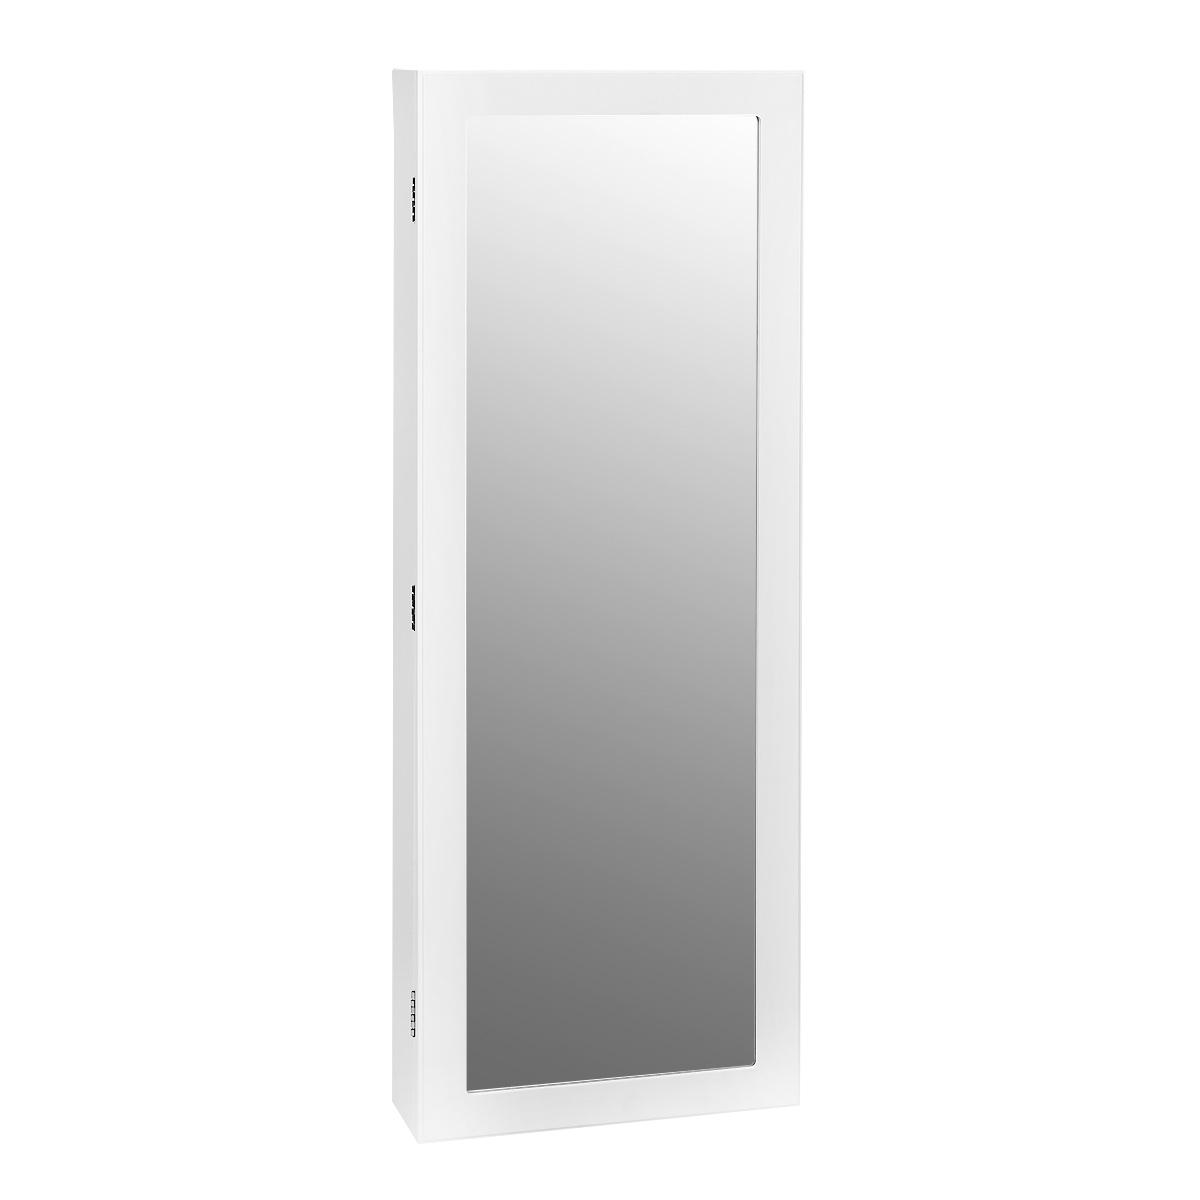 Зеркало-шкаф Bradex Тайник, цвет: белый, 18 х 45 х 117см80621Тайник - это одновременно и шкаф для бижутерии, и зеркало. Подходящее по габаритам для практически любого помещения, зеркало-шкаф поможет Вам красиво уложить Ваши сокровища, при этом Вы не будете терять украшения и всегда будете иметь весь ассортимент под рукой. Внутри шкафа находится множество крючков. На дверце расположено зеркало, которое украсит Вашу комнату и зрительно увеличит ее.Зеркало-шкаф удобно крепится на стене с помощью входящих в комплект шурупов и дюпелей.